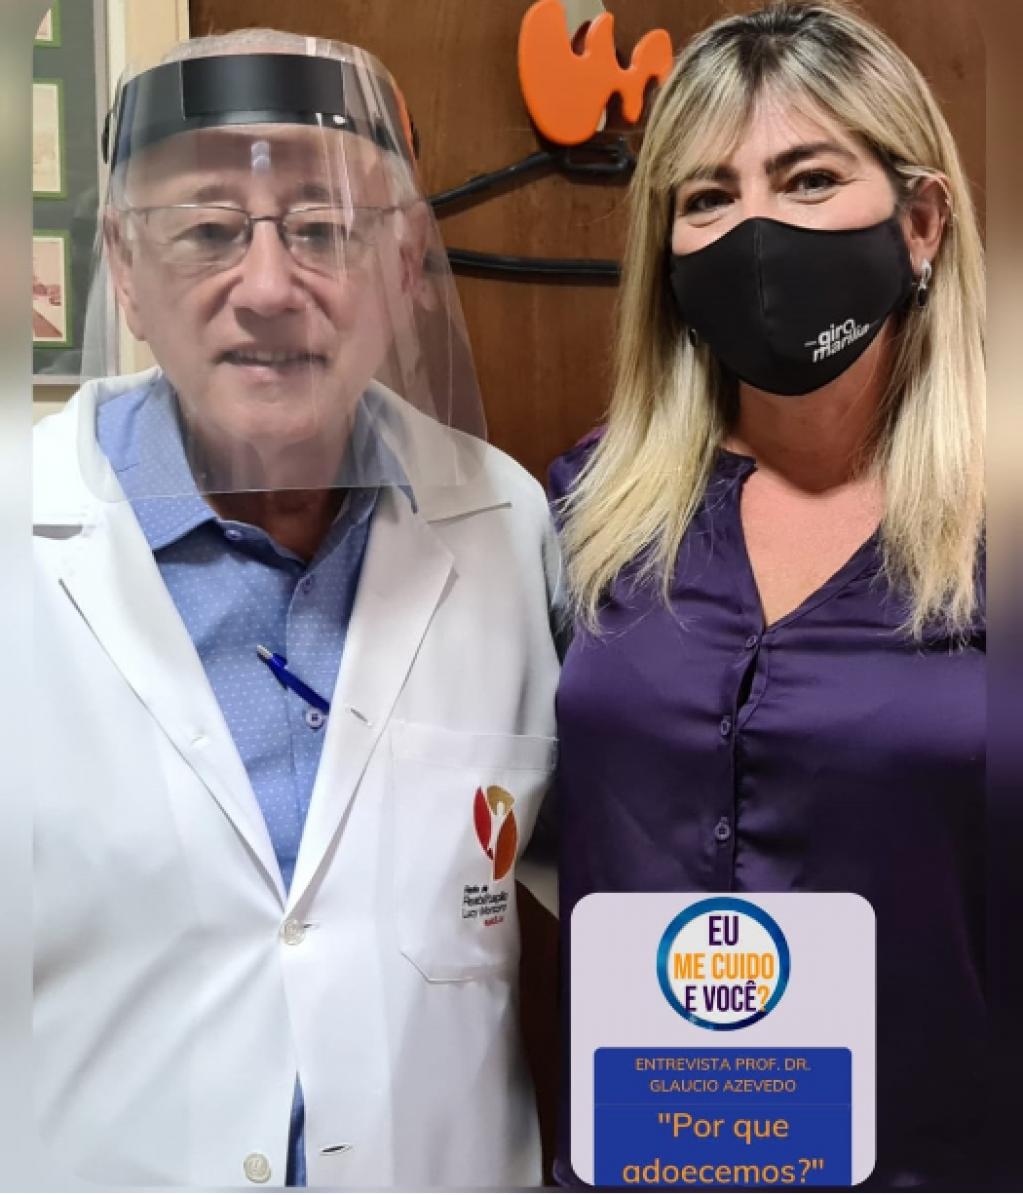 Giro Marília -Por que adoecemos? Dr Gláucio Azevedo orienta como evitar doenças